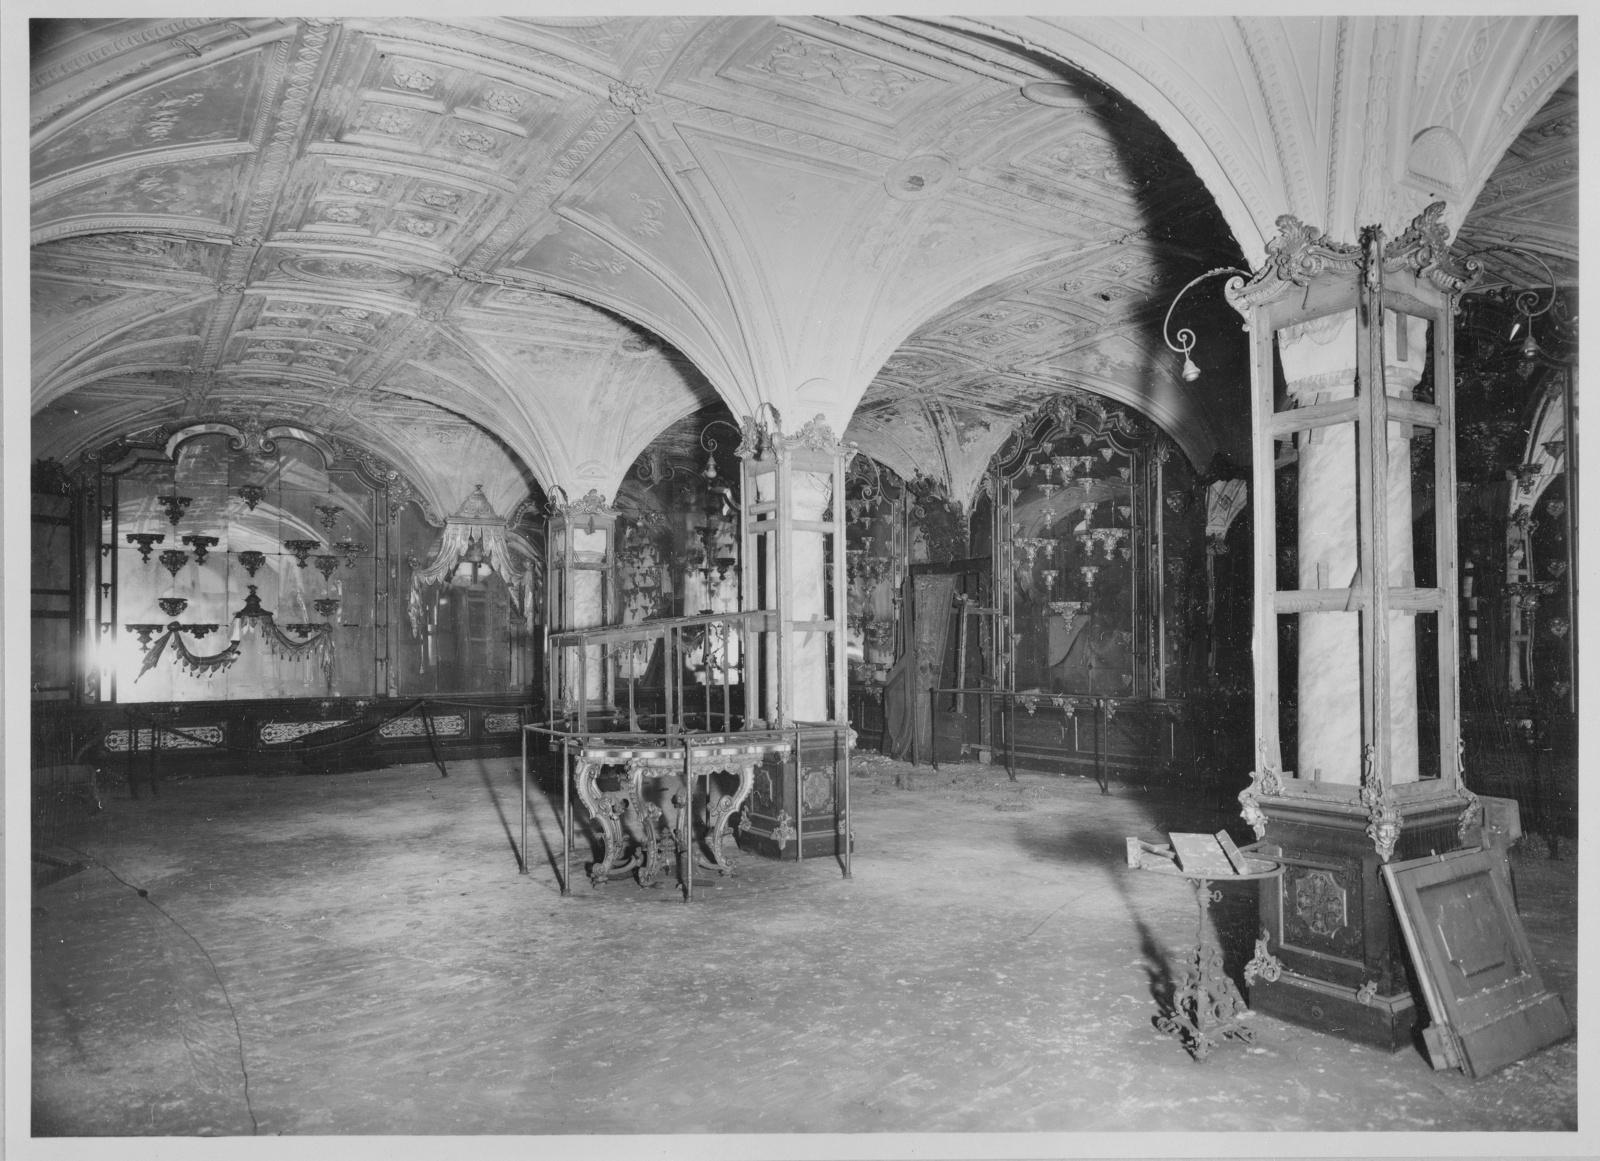 Der Pretiosensaal im Historischen Grünen Gewölbe ist nahezu unzerstört, 1957